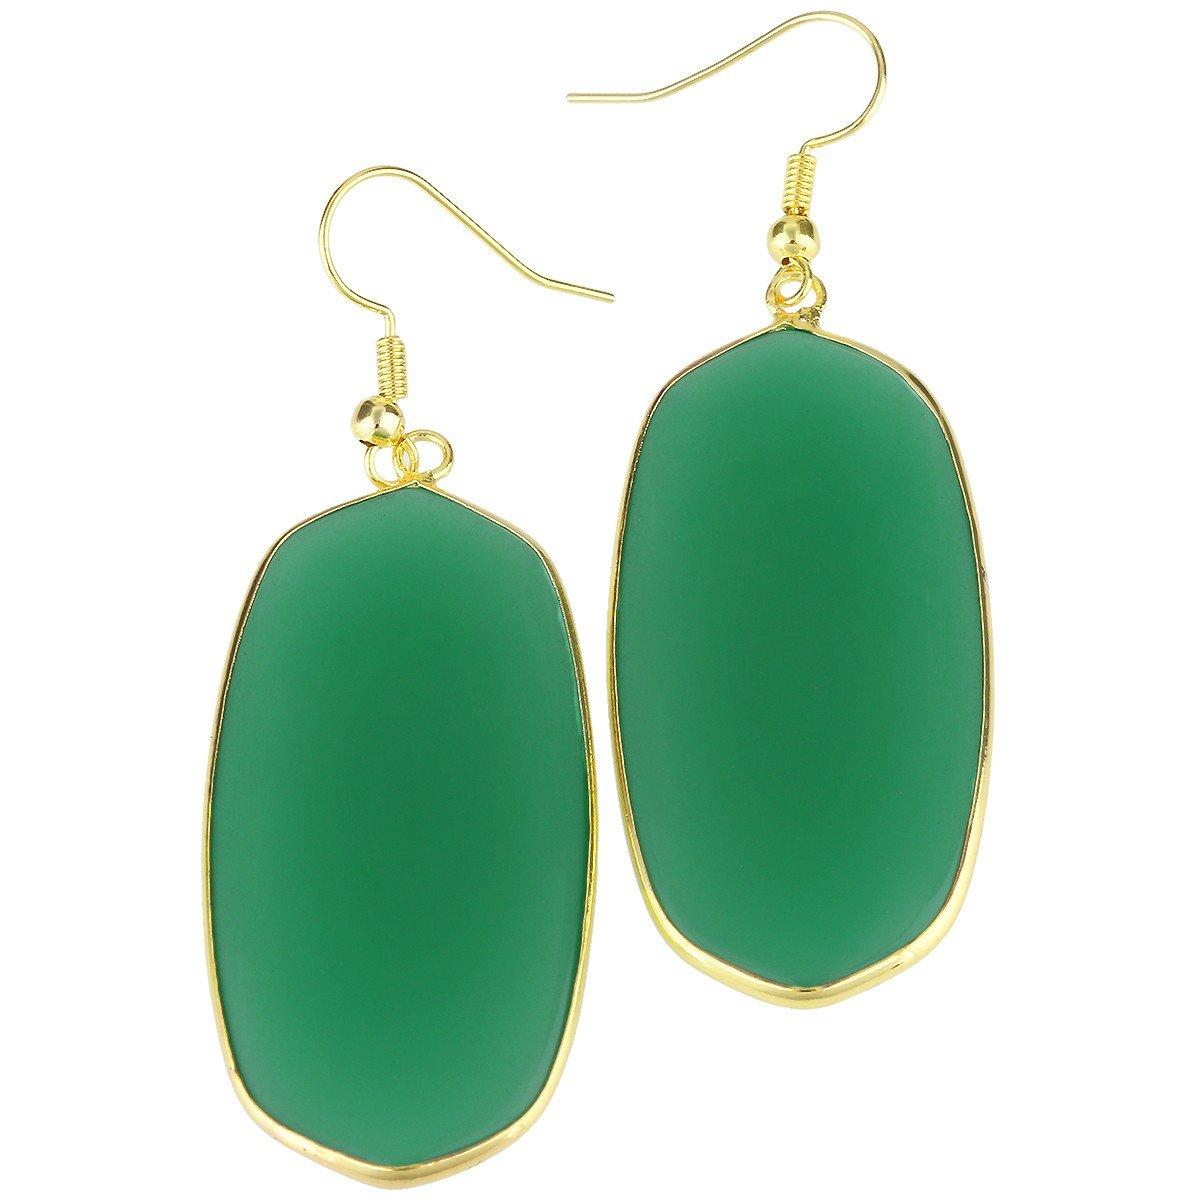 Rockcloud Green Crystal Glass Dangle Hook Earrings Oval gold Plated